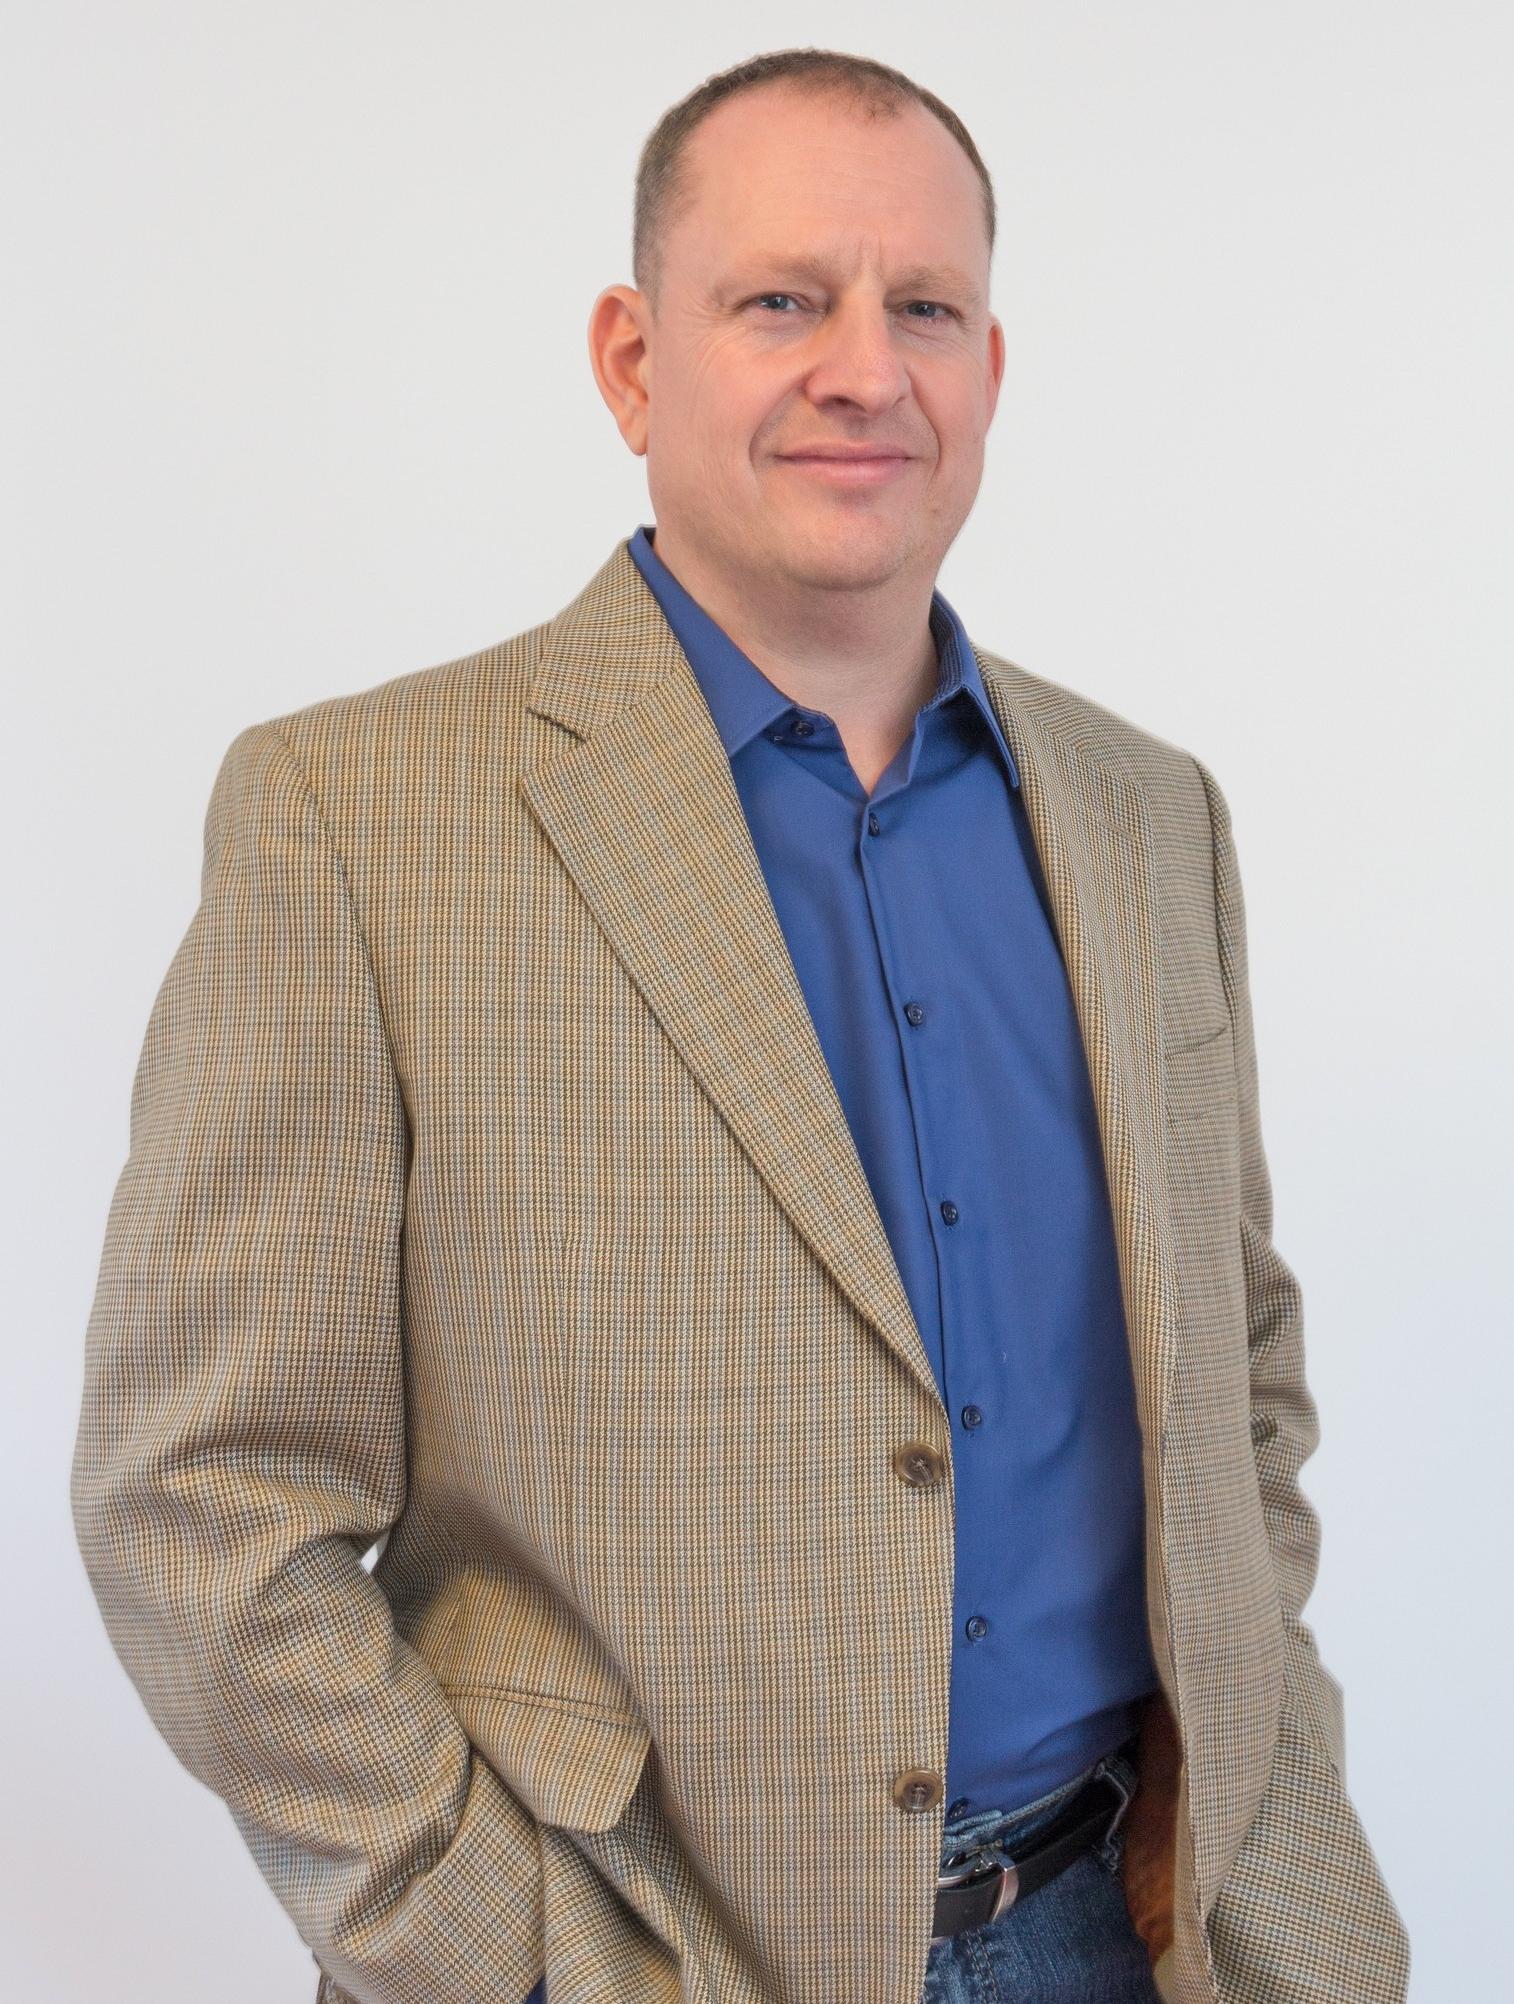 Marek Ruzsinszki